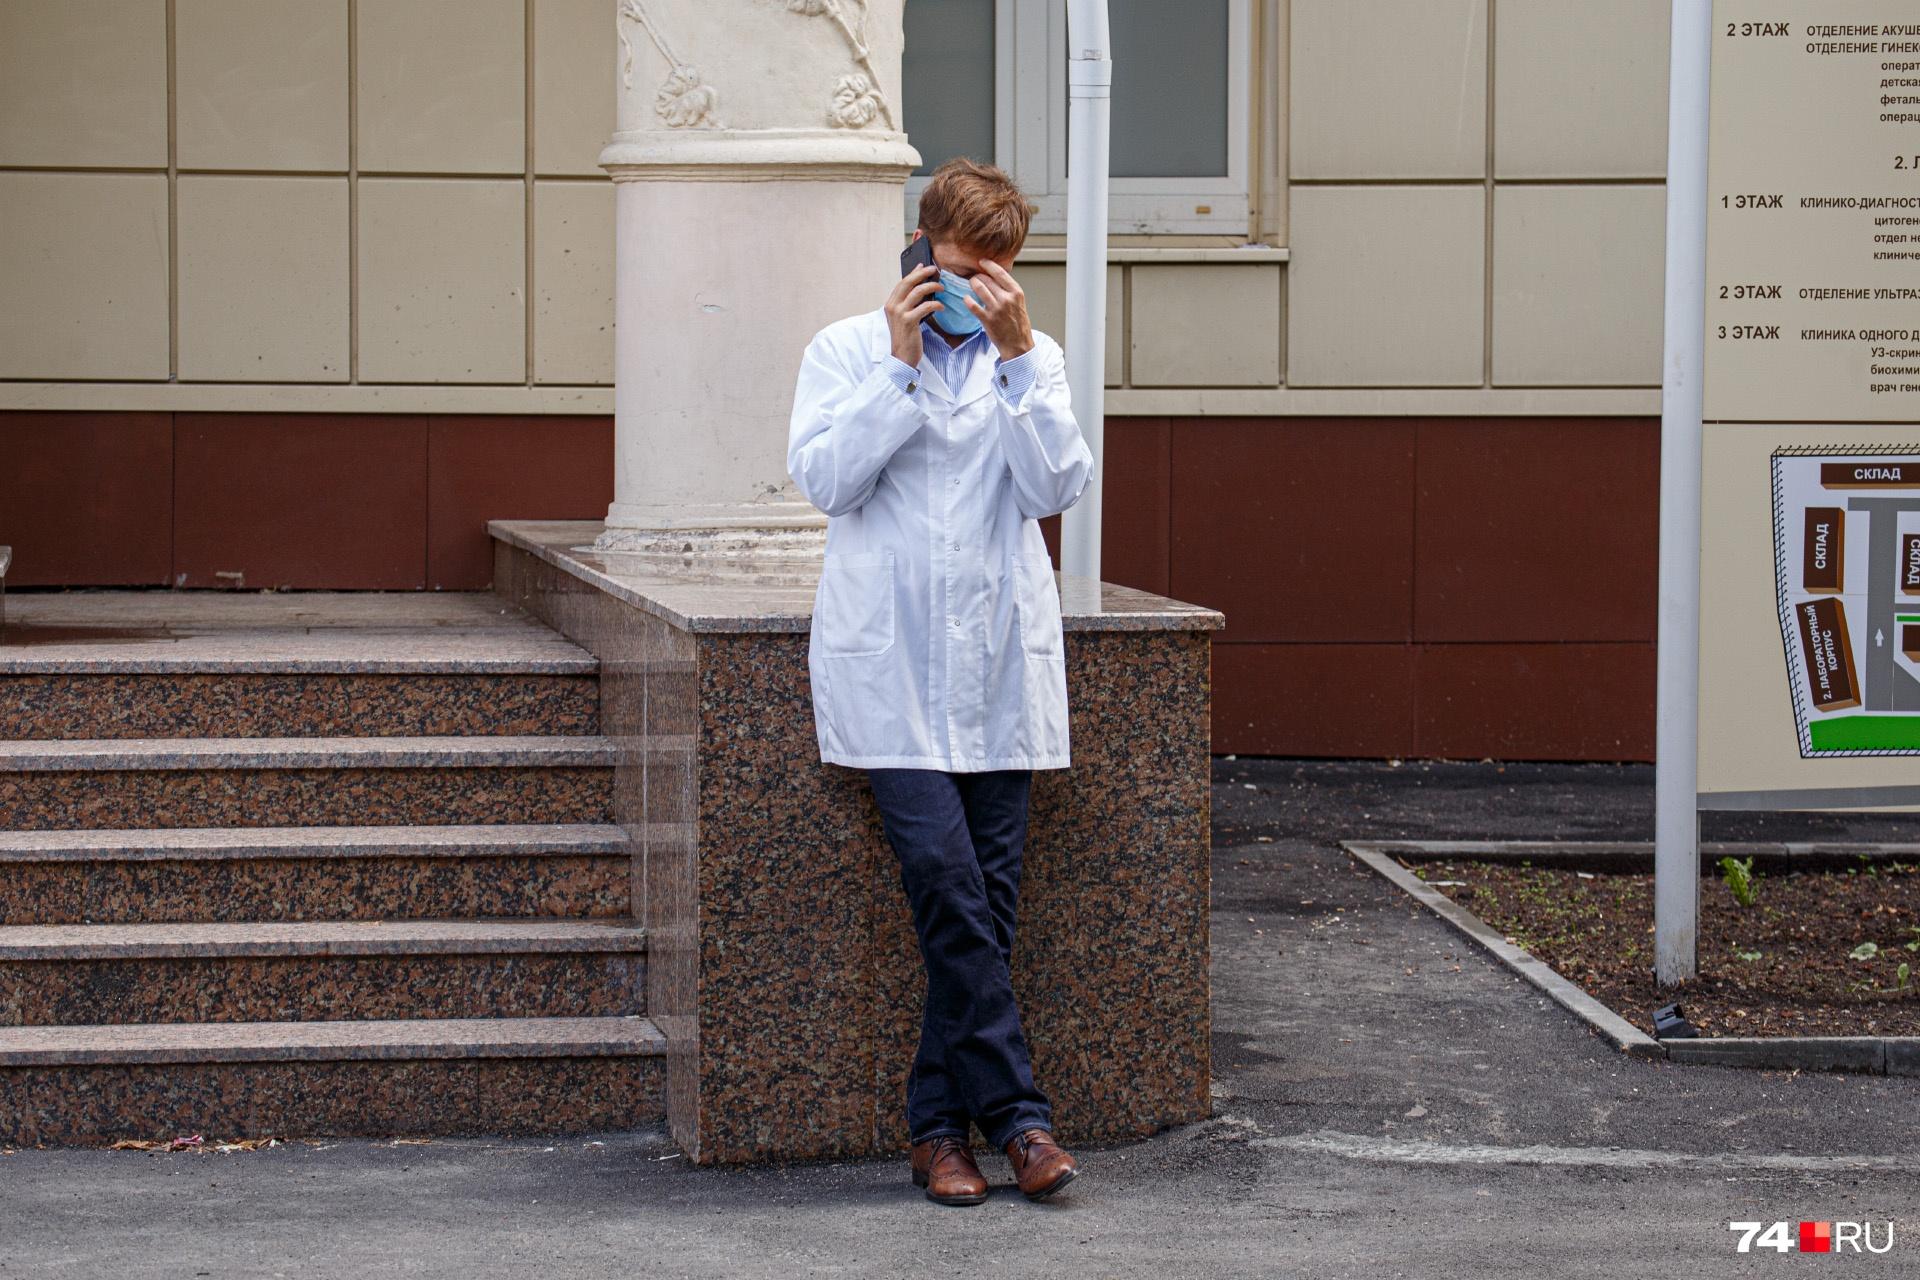 Подготовка к вероятному всплеску заболеваемости COVID-19 — головная боль главы Минздрава с начала пандемии